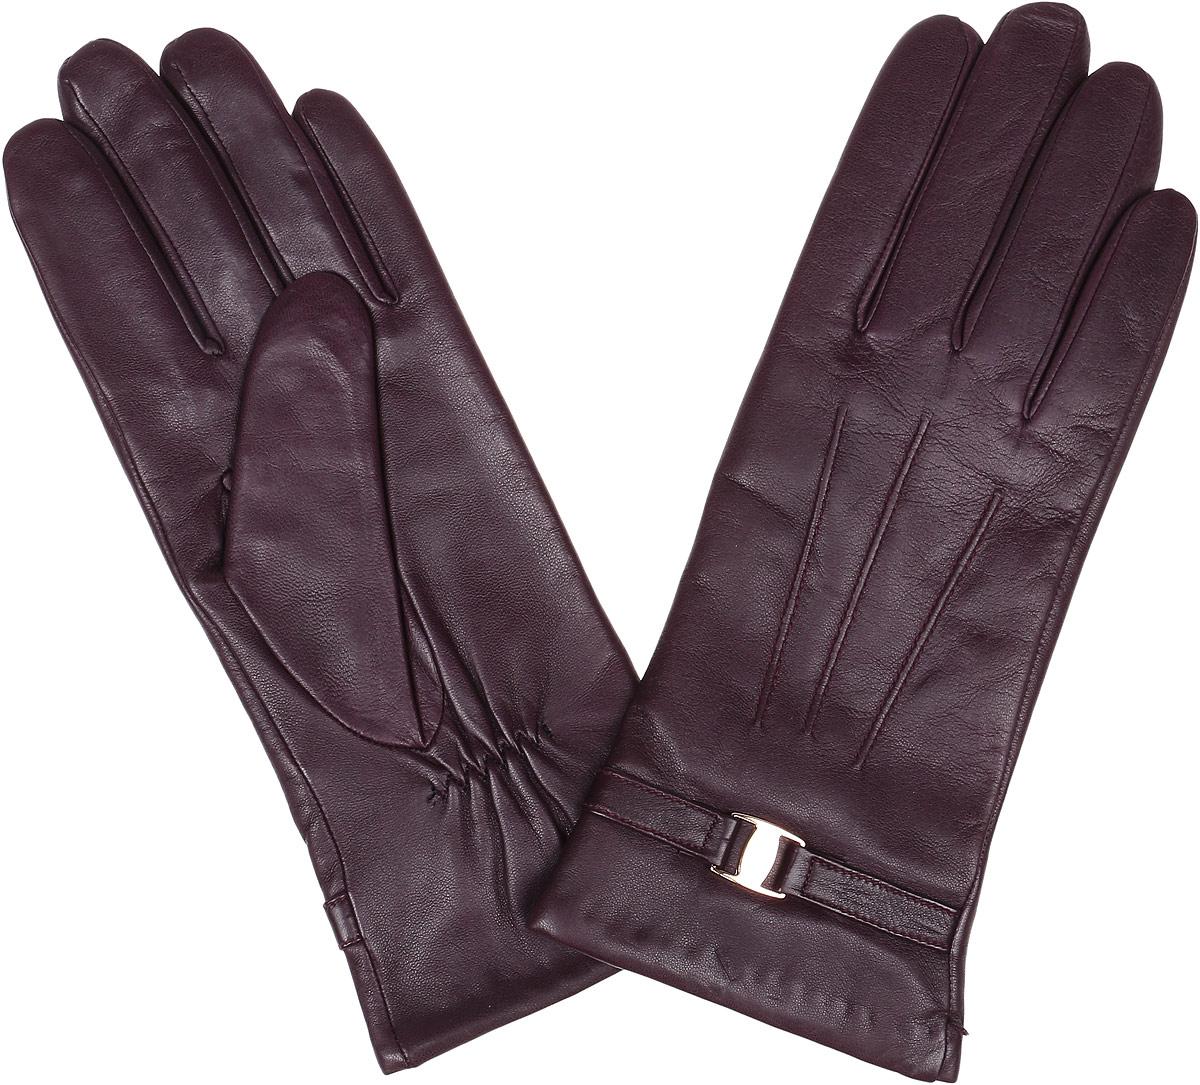 Перчатки2.39-8 bordoЭлегантные женские перчатки Fabretti станут великолепным дополнением вашего образа и защитят ваши руки от холода и ветра во время прогулок. Перчатки выполнены из натуральной кожи ягненка. Модель декорирована стильным ремешком с металлической вставкой. Такие перчатки будут оригинальным завершающим штрихом в создании современного модного образа, они подчеркнут ваш изысканный вкус и станут незаменимым и практичным аксессуаром.